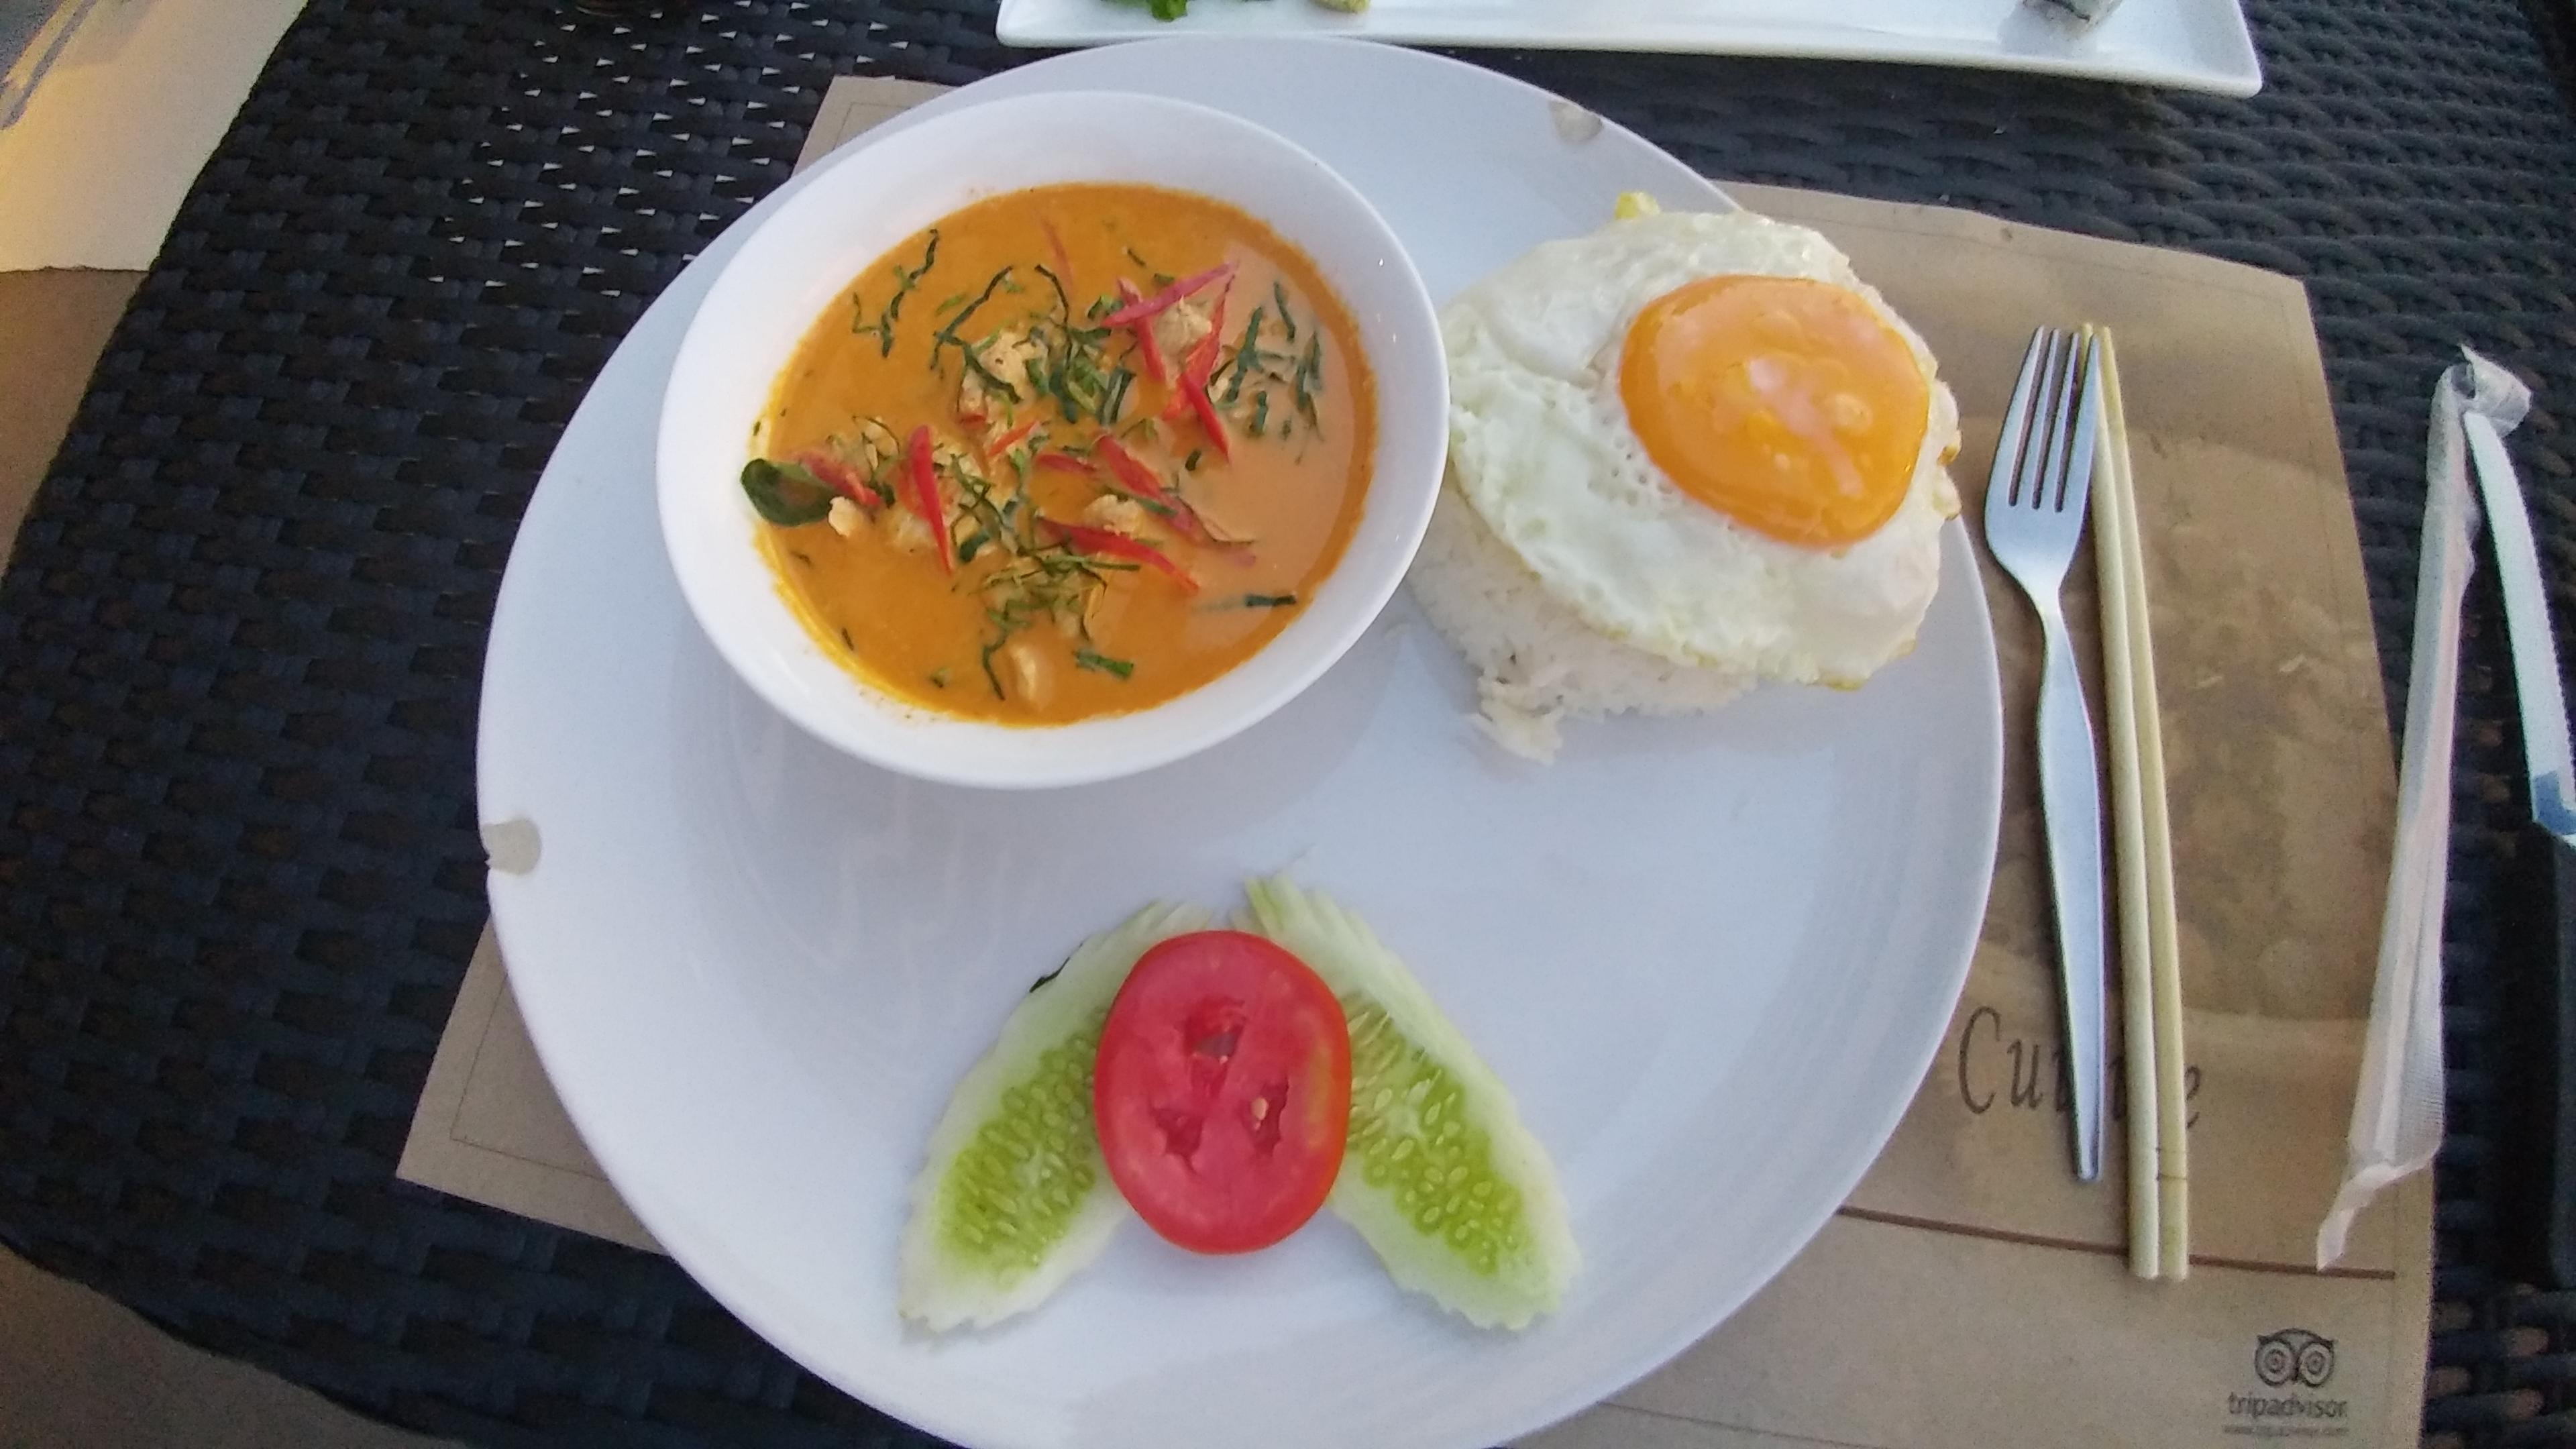 תאילנד אוכל טעים by motekoo chal - Ourboox.com